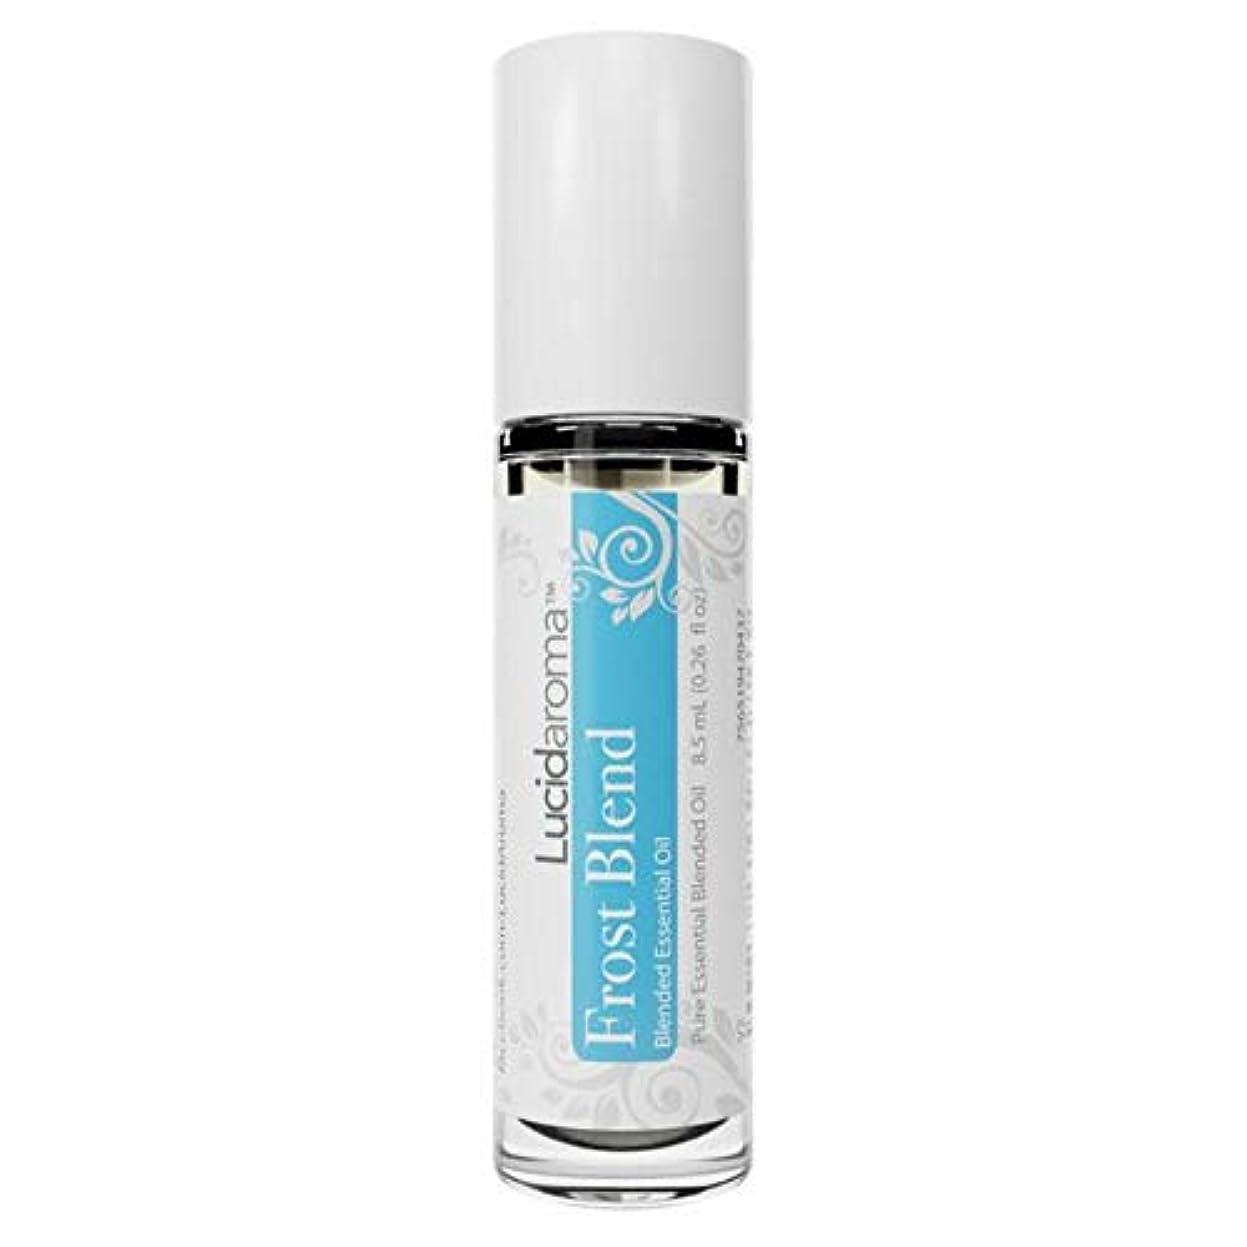 アクティビティマーチャンダイジングトリクルLucid Aroma Frost Blend フロスト ブレンド ロールオン アロマオイル 8.5mL (塗るアロマ) 100%天然 携帯便利 ピュア エッセンシャル アメリカ製